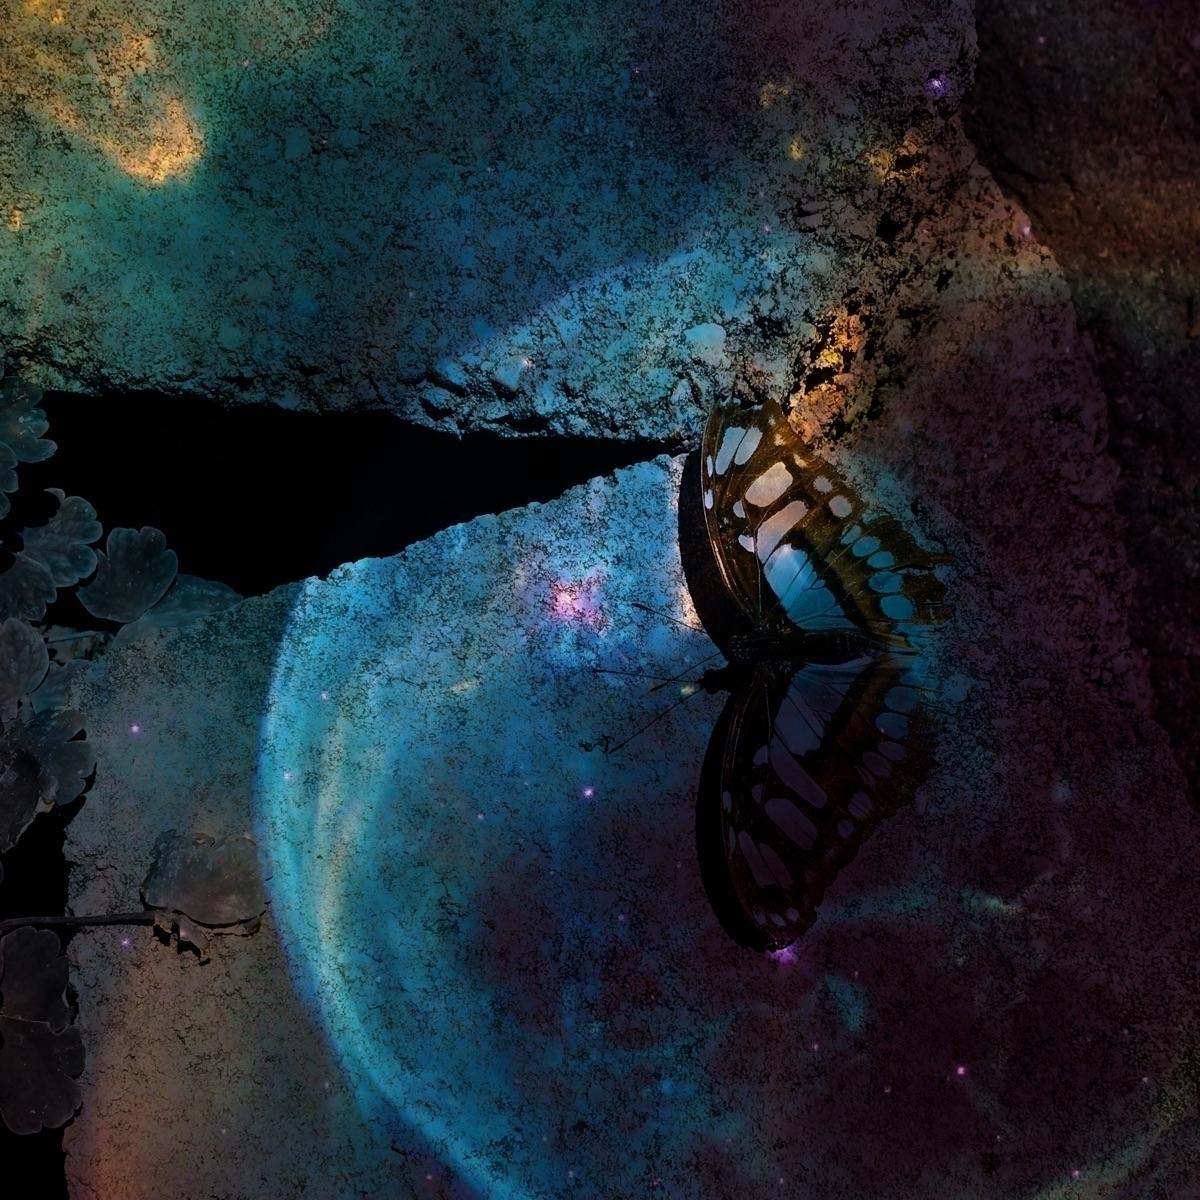 Moonlight spilled kiss efferves - hjcross_poetry | ello